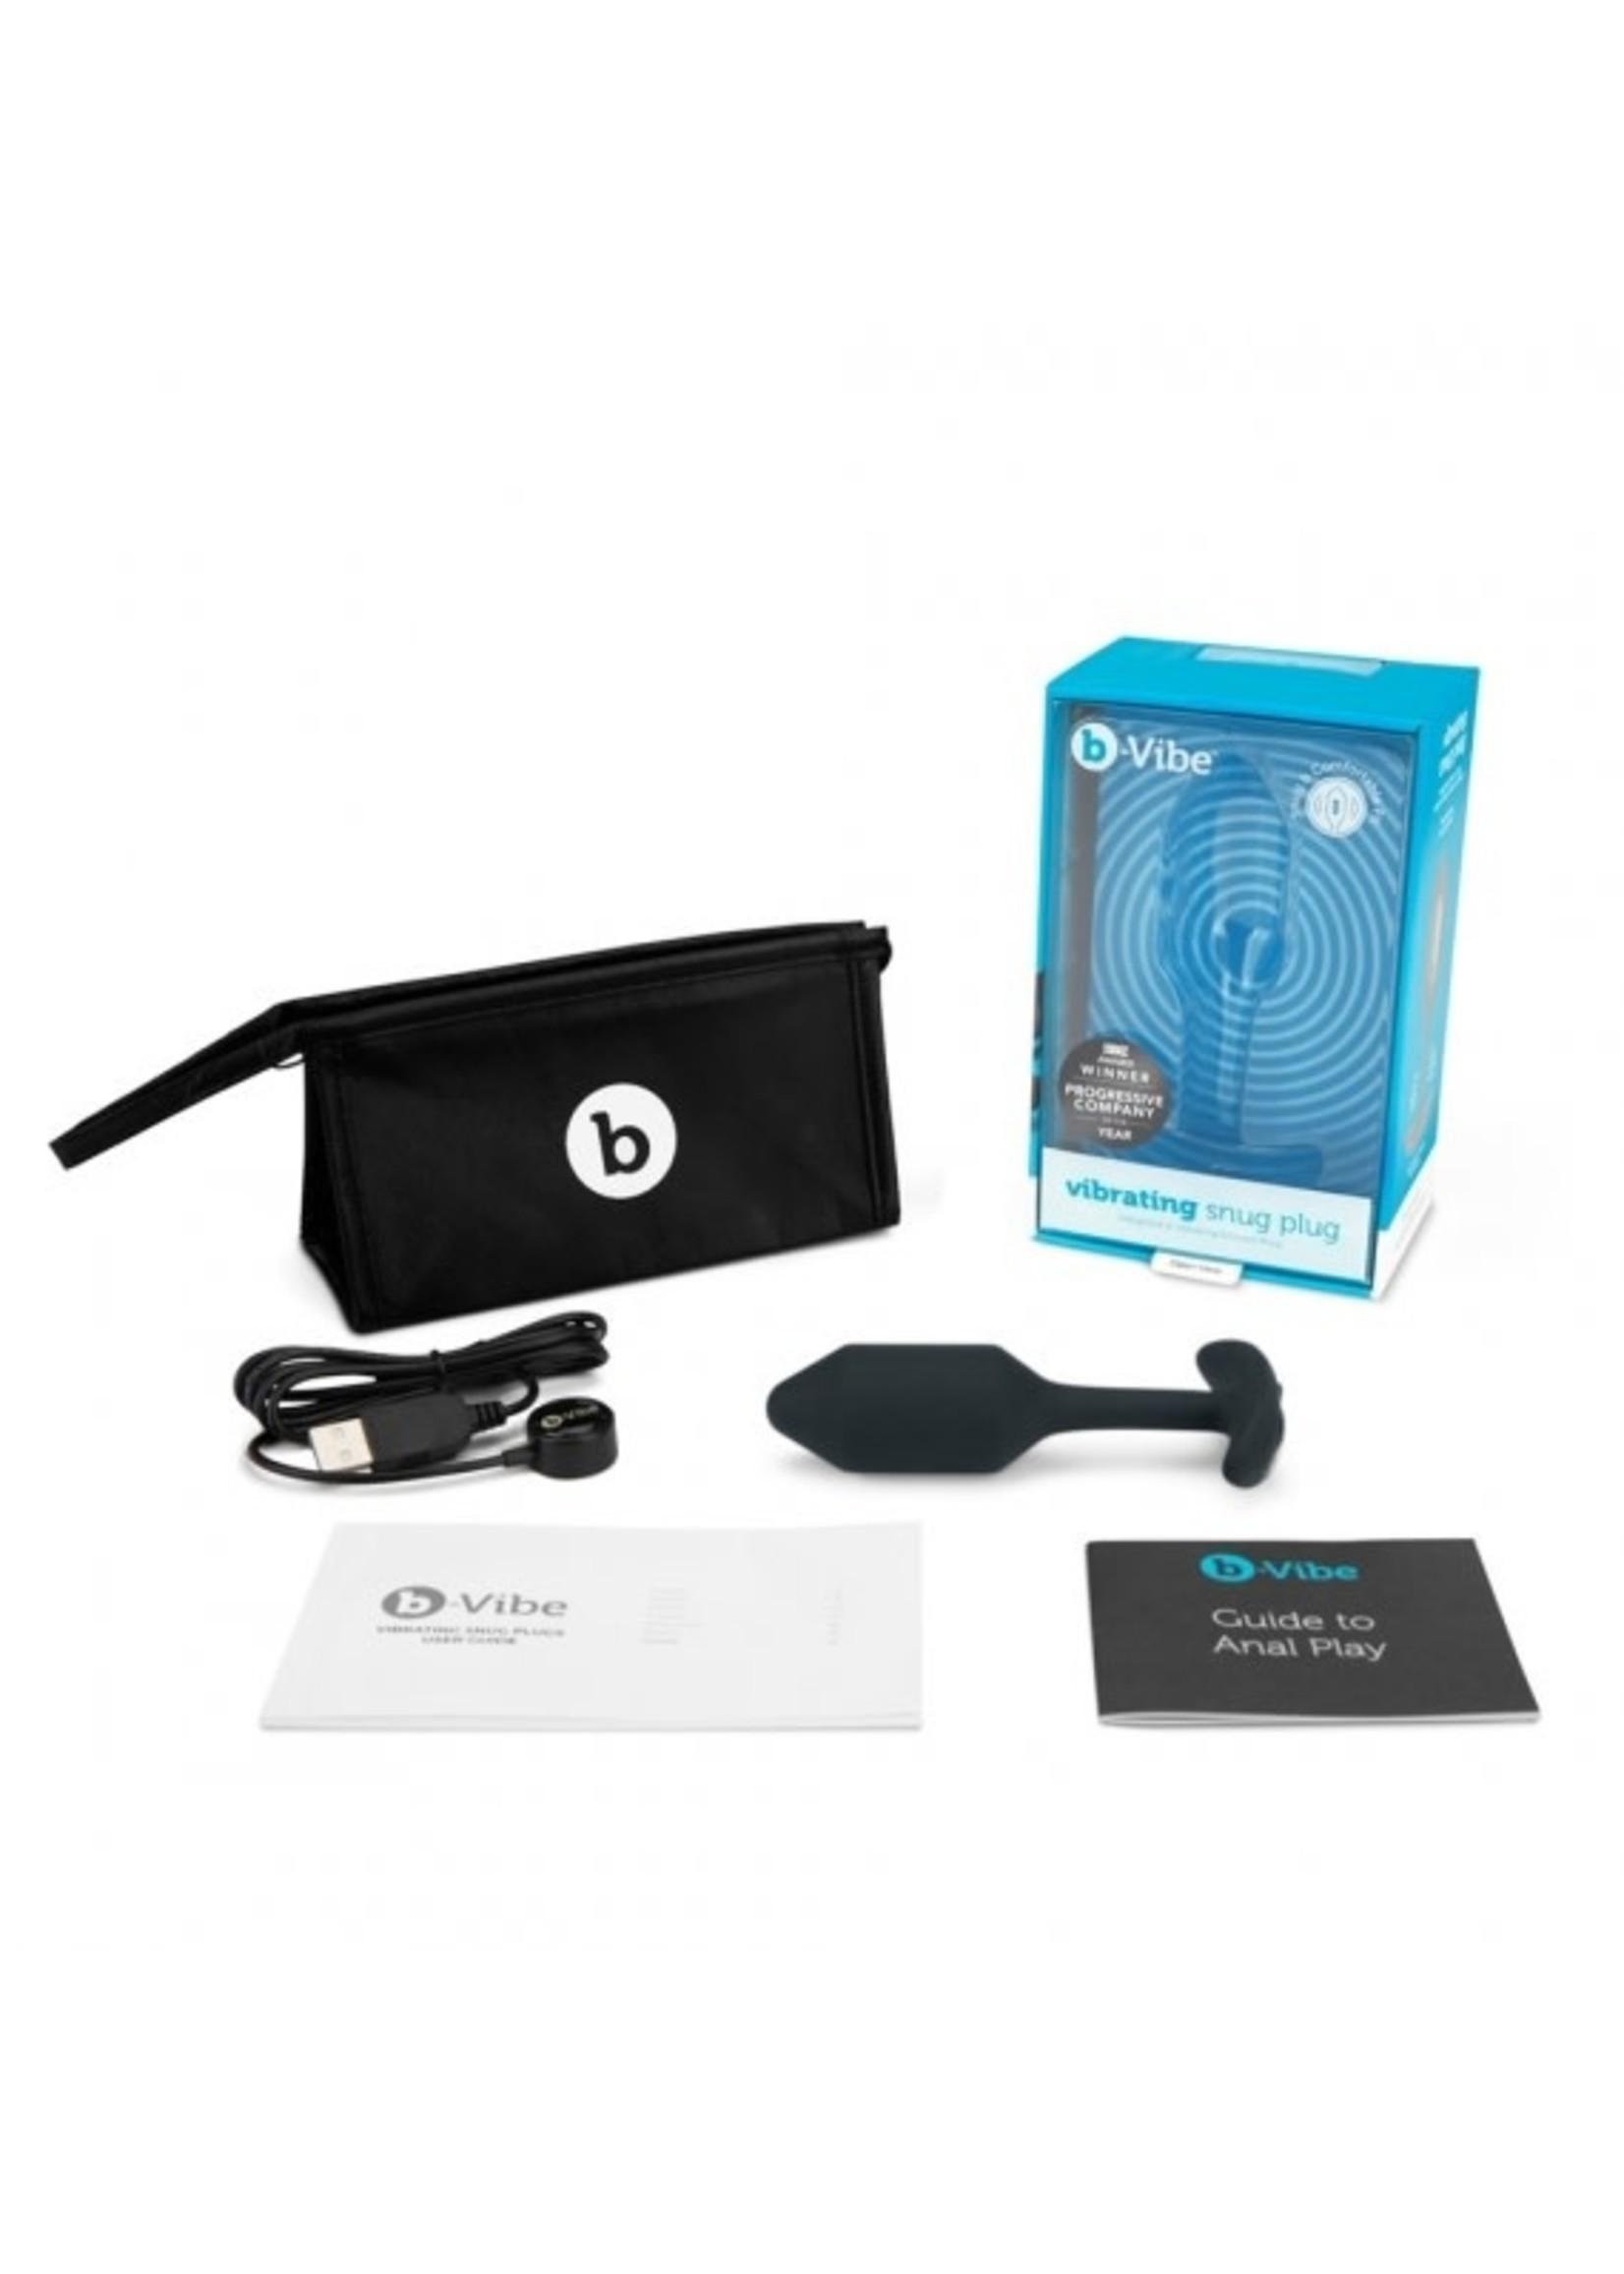 b-Vibe b-Vibe Snug Plug Vibrating